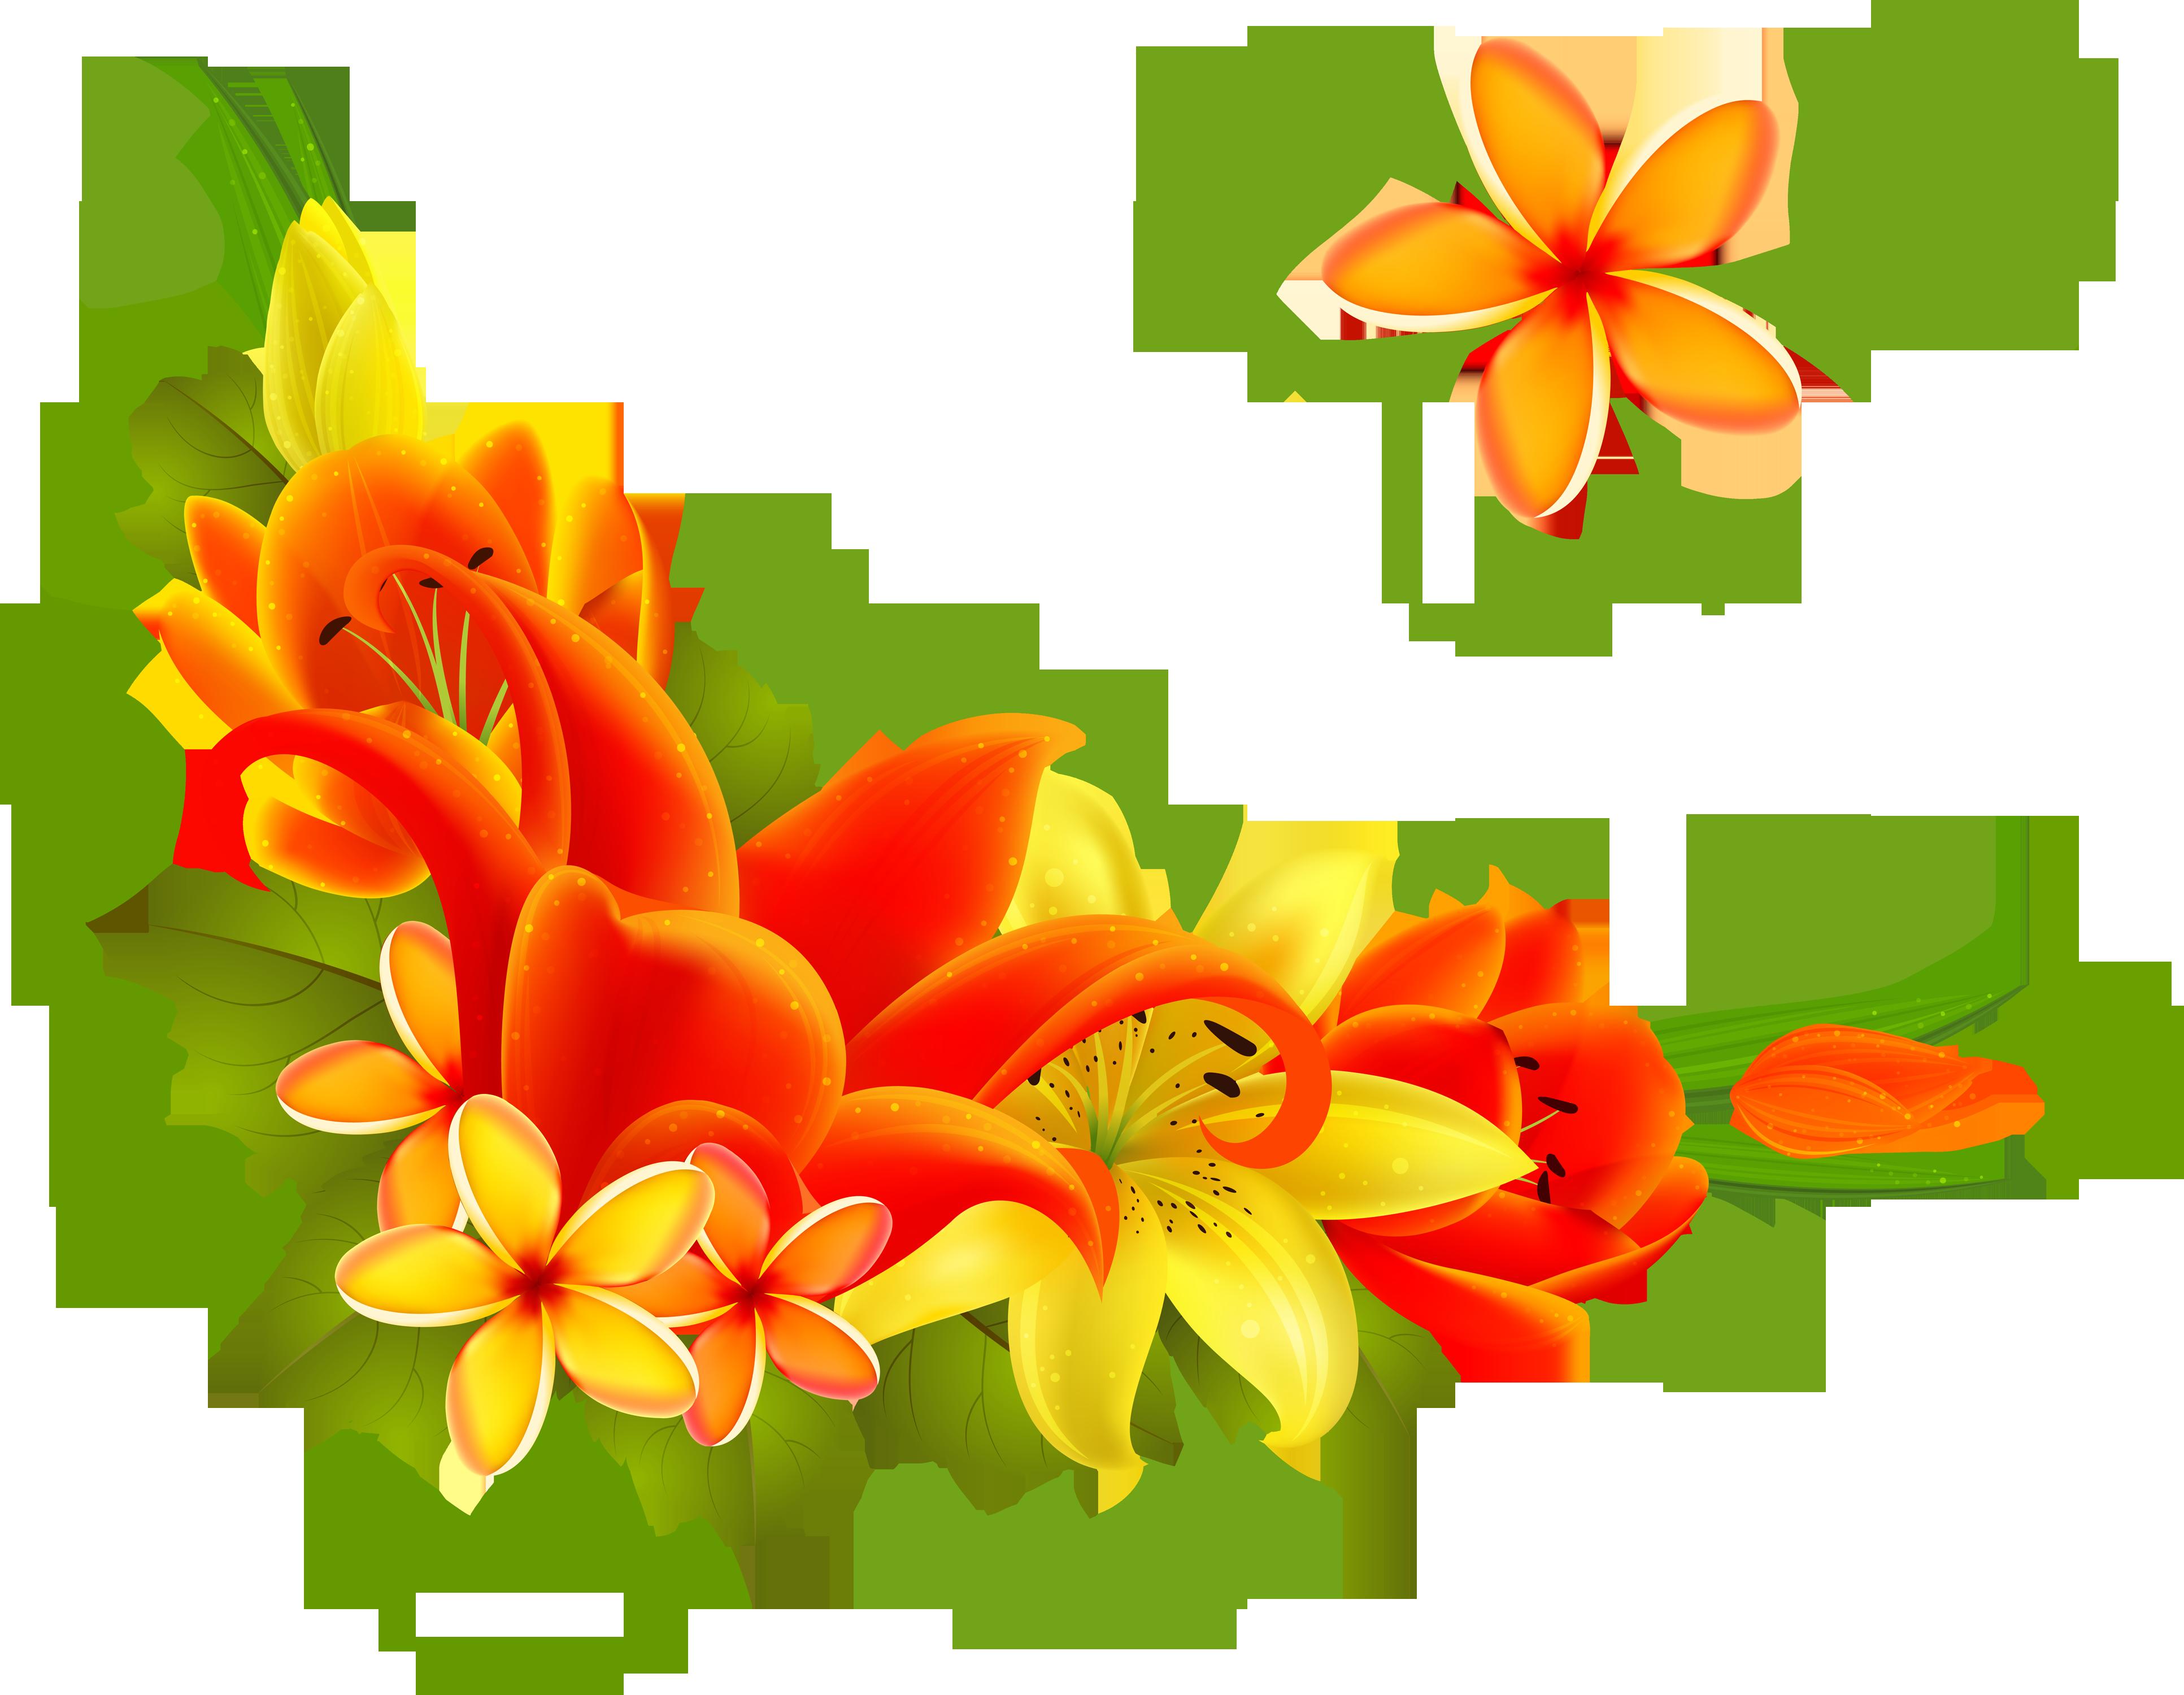 цветы фото картинки узоры источники